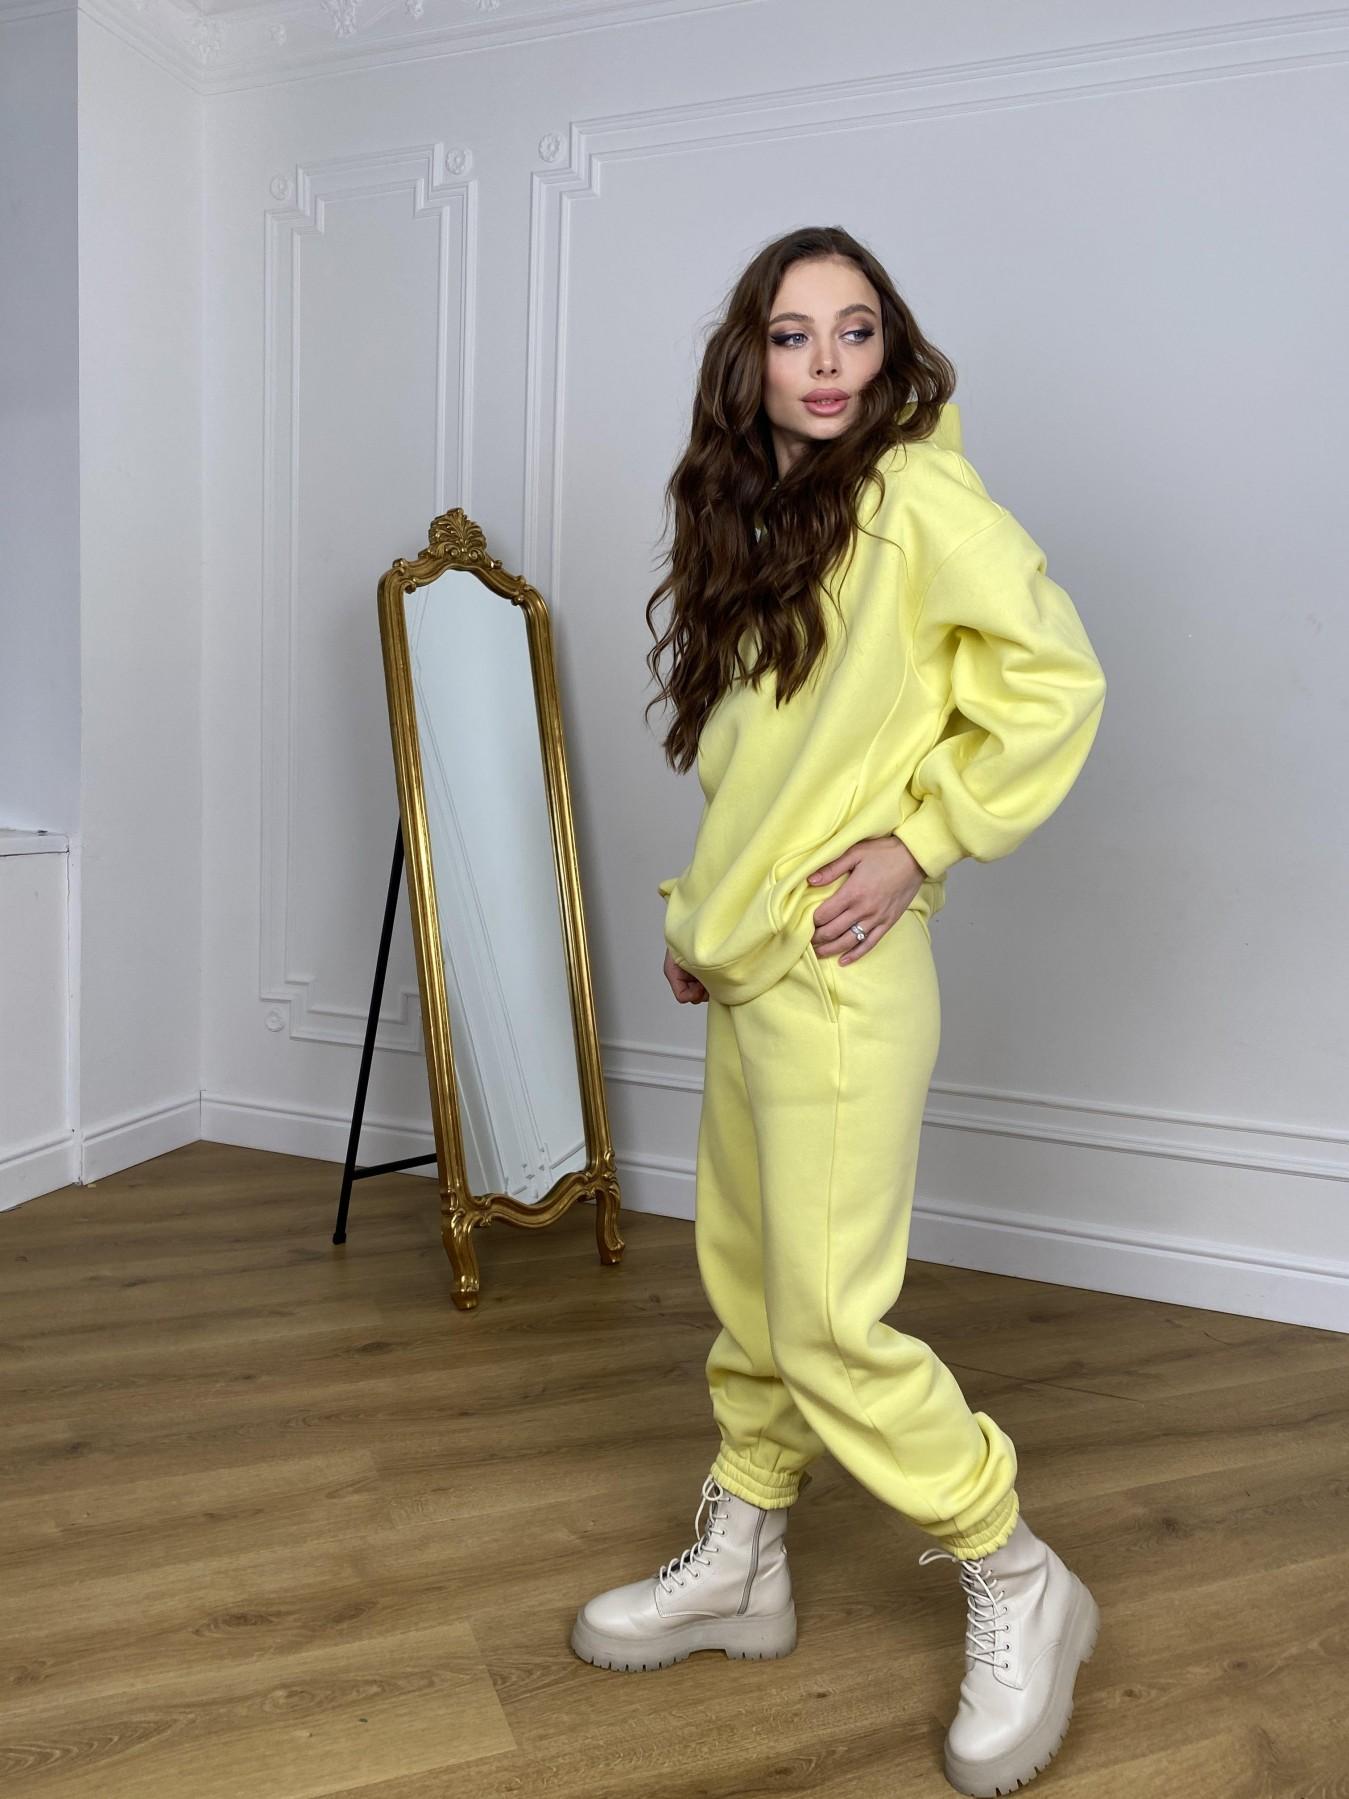 Марион костюм в  стиле Oversize  3х нитка 9651 АРТ. 46905 Цвет: Лимон - фото 6, интернет магазин tm-modus.ru